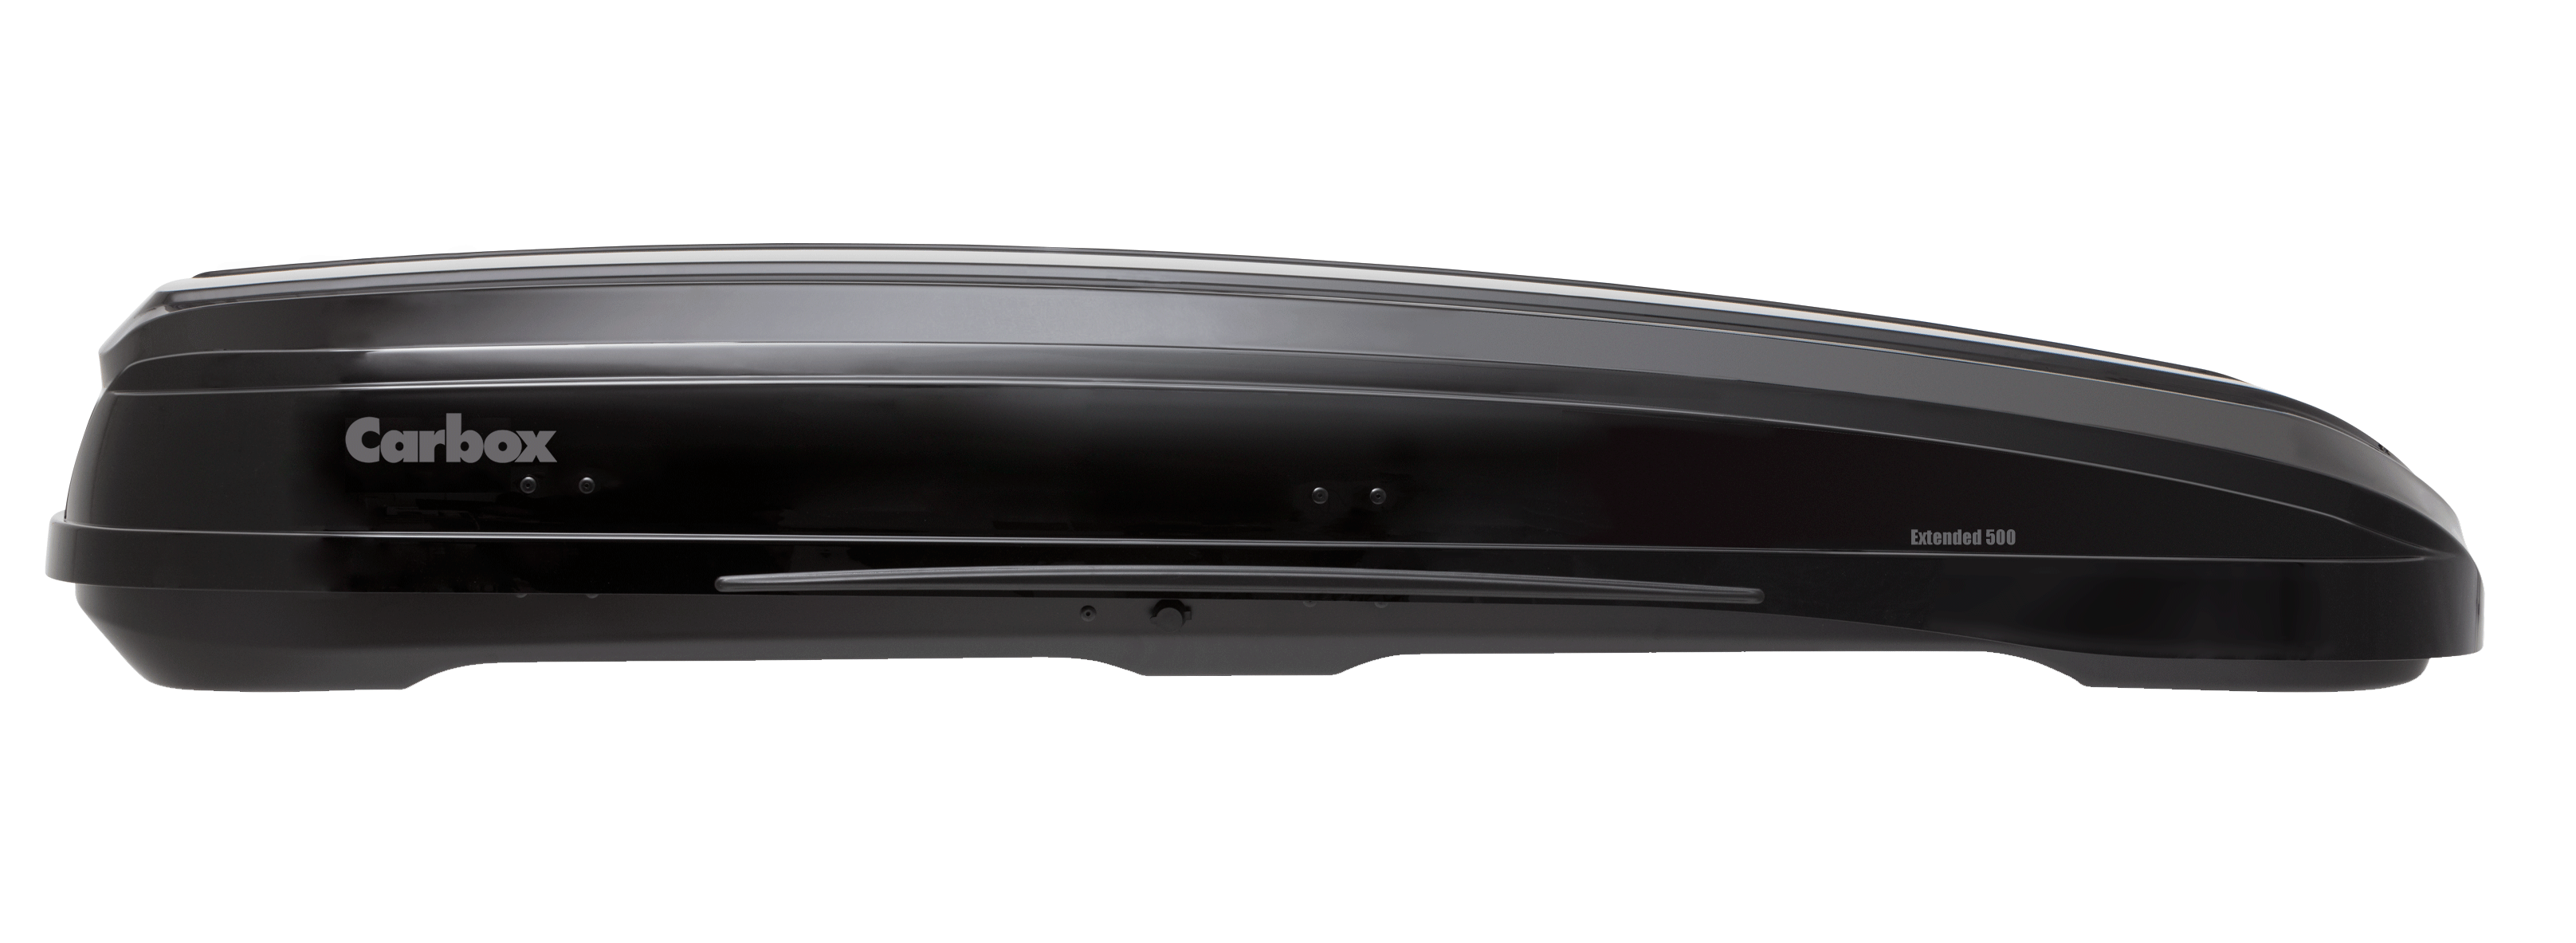 Carbox Dachbox Gepäckbox H22 hochglanzschwarz mit Befestigung QG2.0